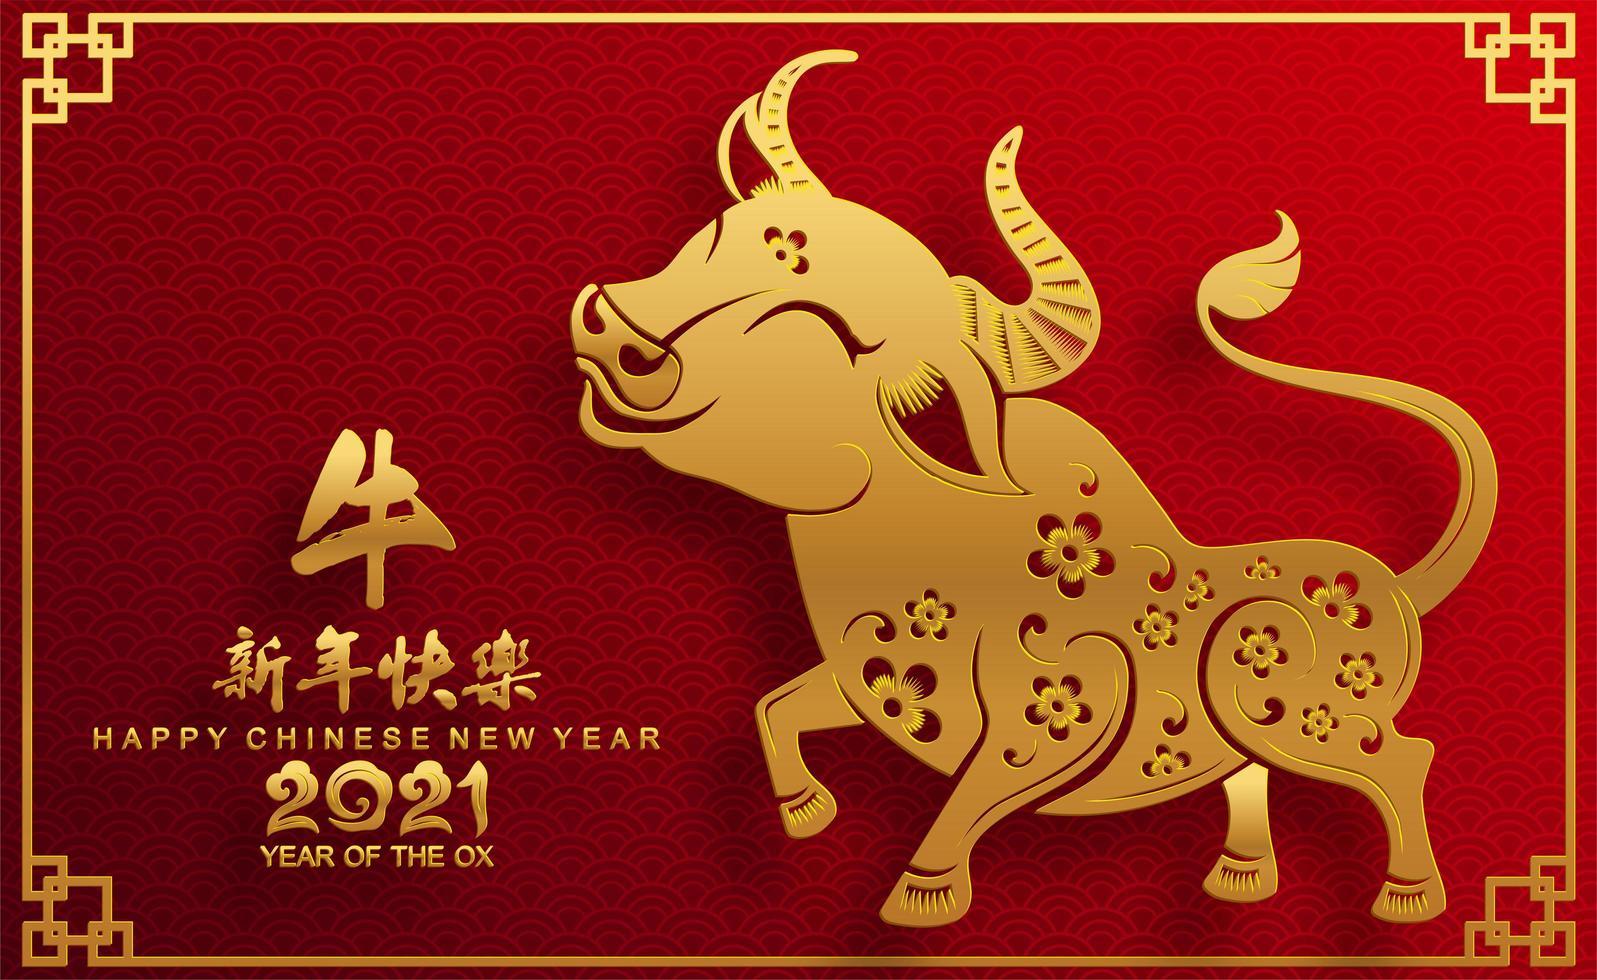 chinesisches Neujahrsdesign 2021 mit goldenem Ochsen vektor